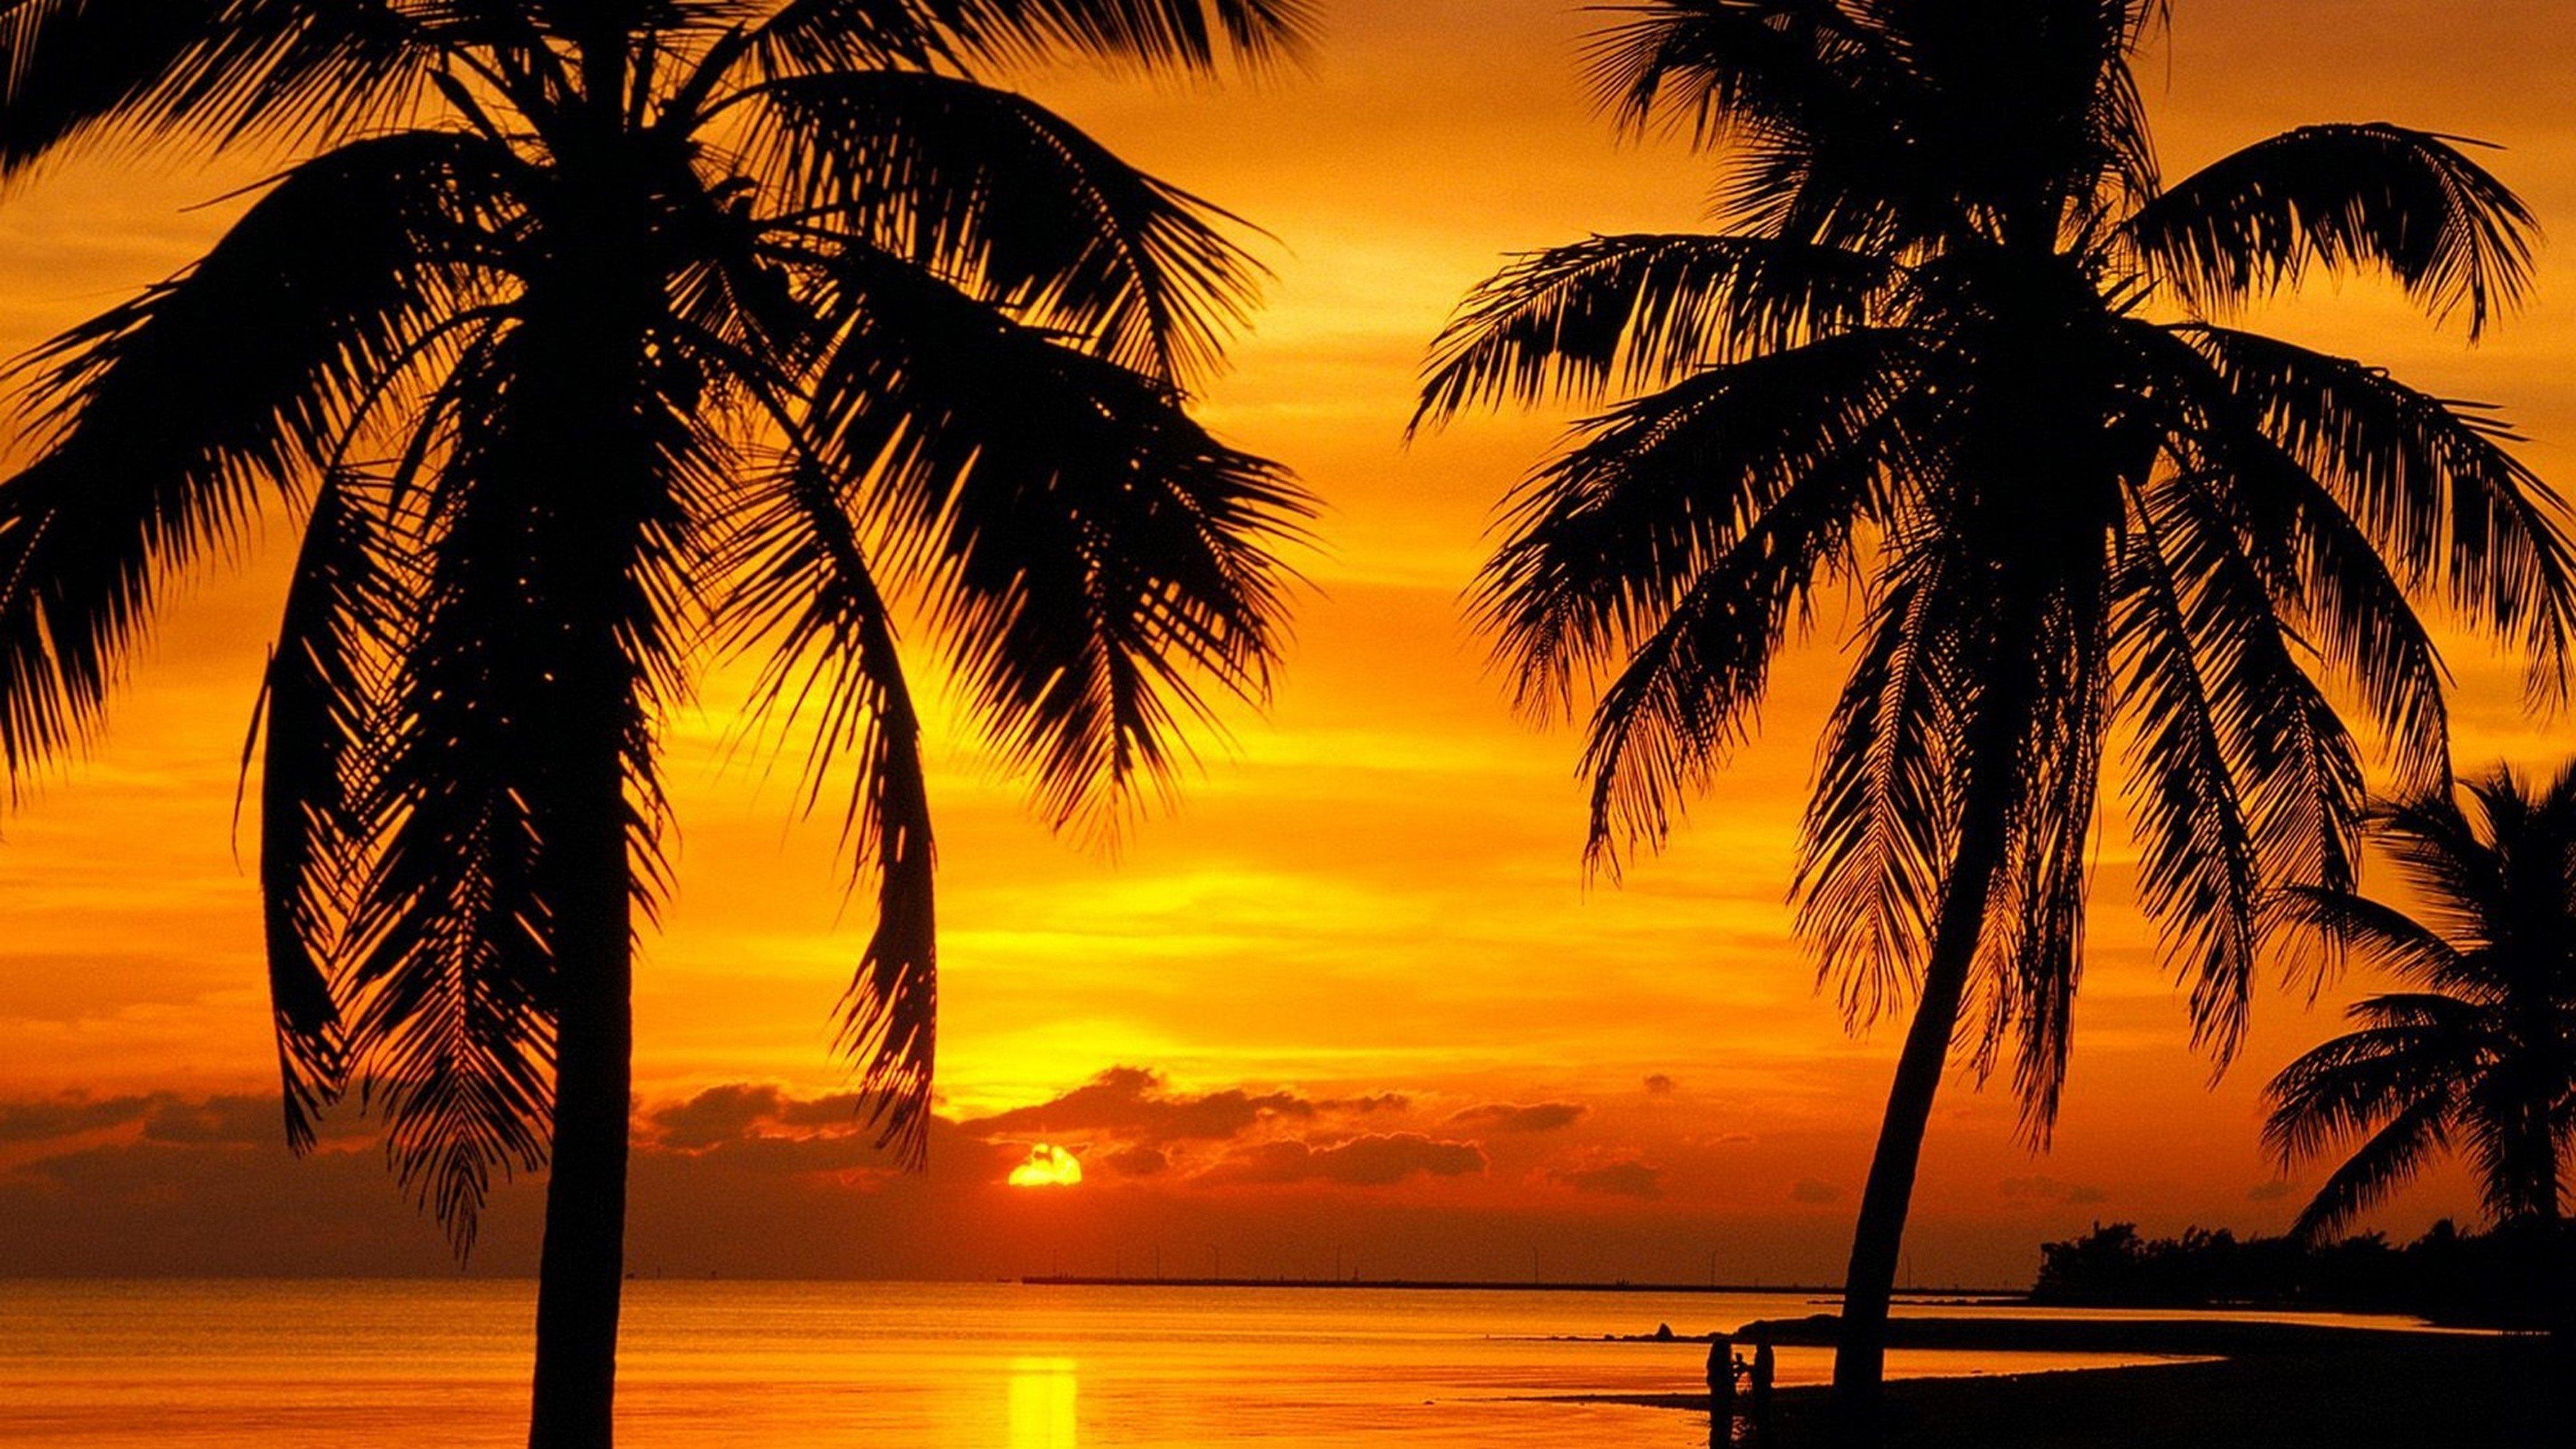 Florida Key Sunset Beach 4000x2250 Wallpaper